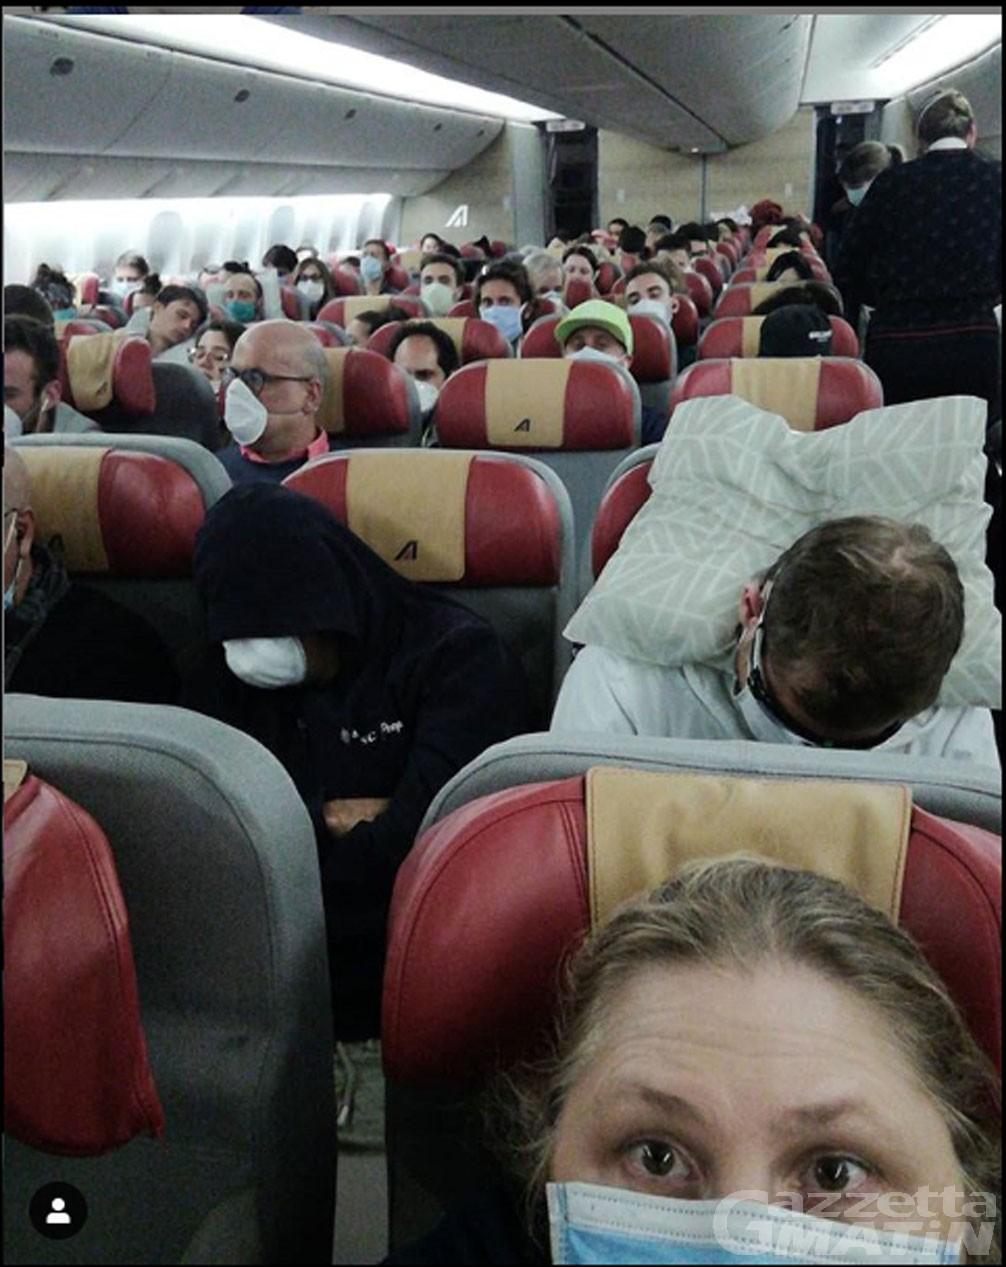 Coronavirus: rimpatrio degli italiani, ma sugli aerei non c'è sicurezza